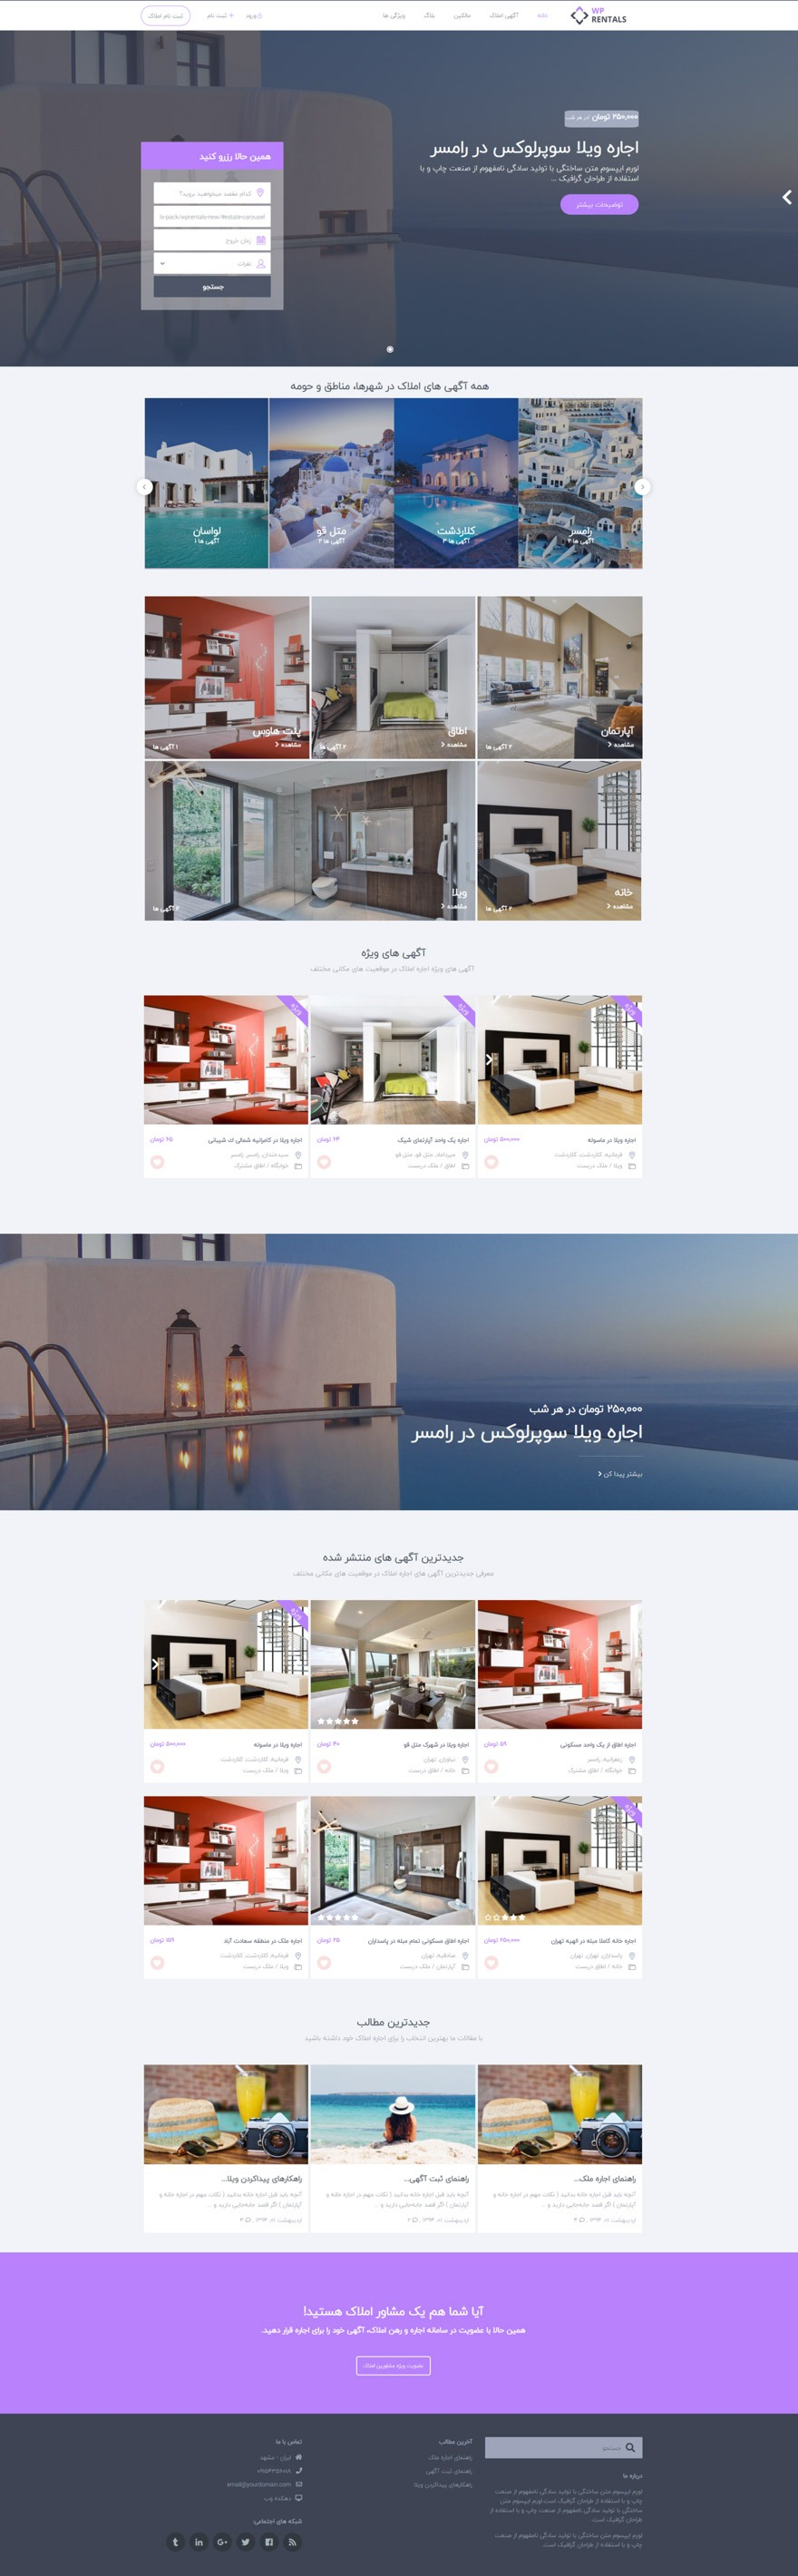 طراحی سایت اجاره ویلا